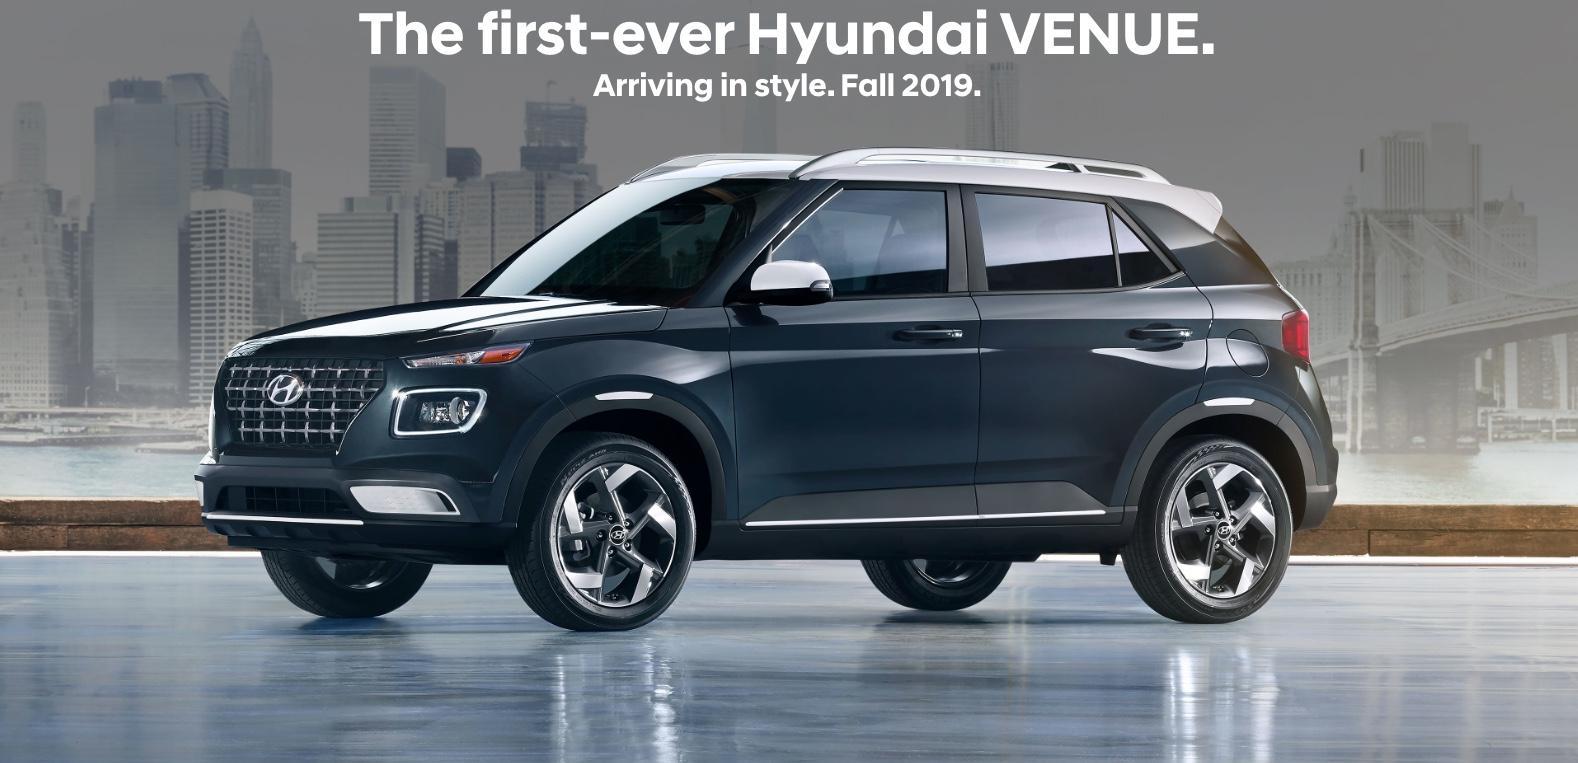 First Ever Hyundai Venue